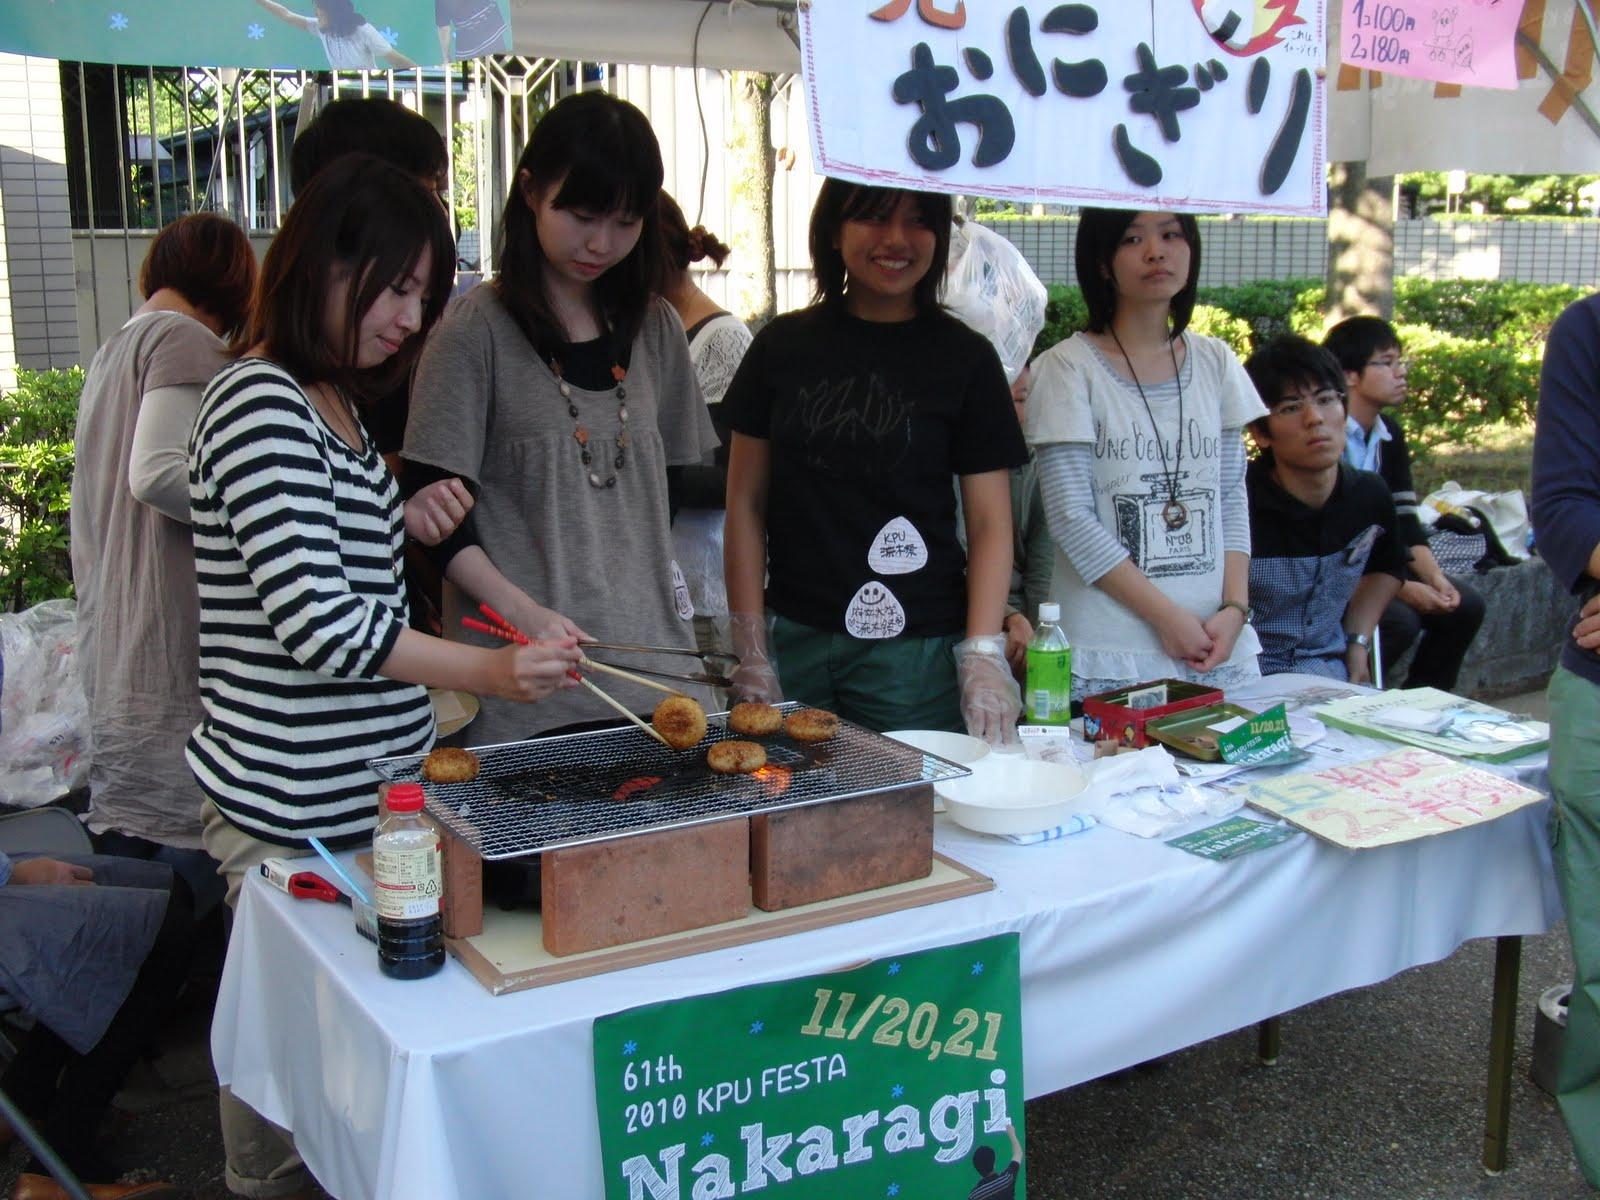 Stand de comida de estudiantes en Kioto